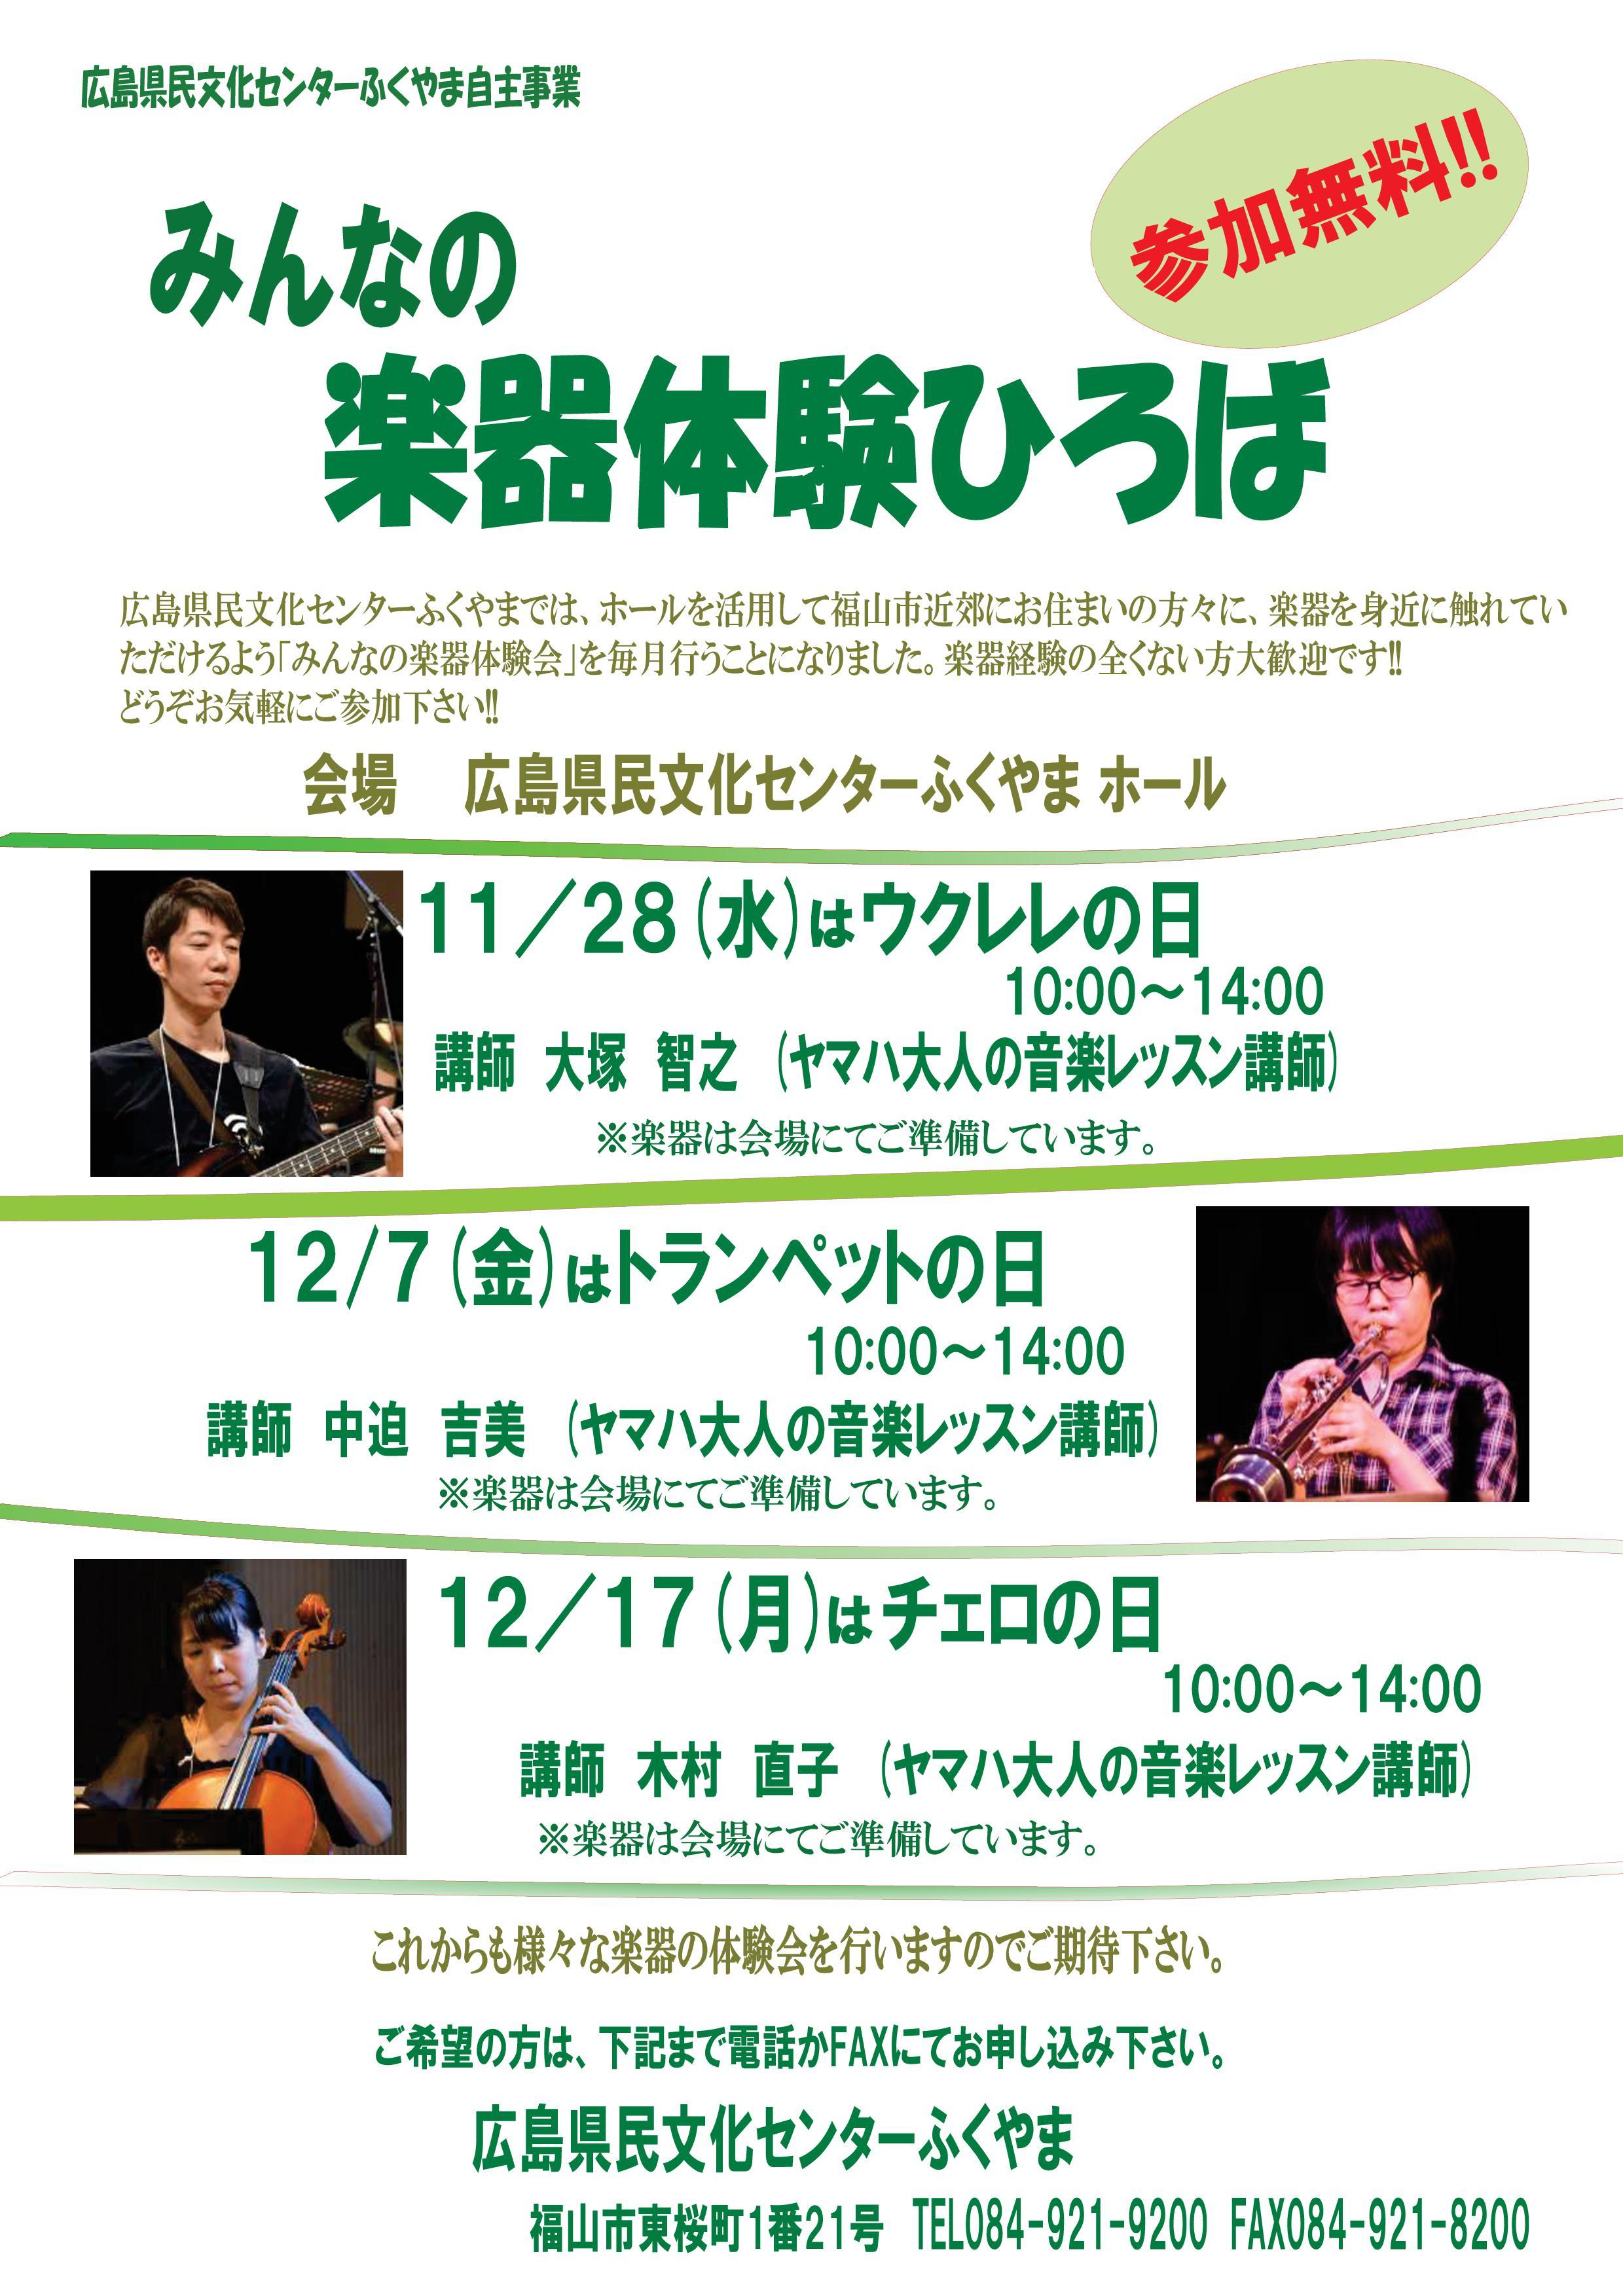 楽器体験会 11.28,12.7,12.17